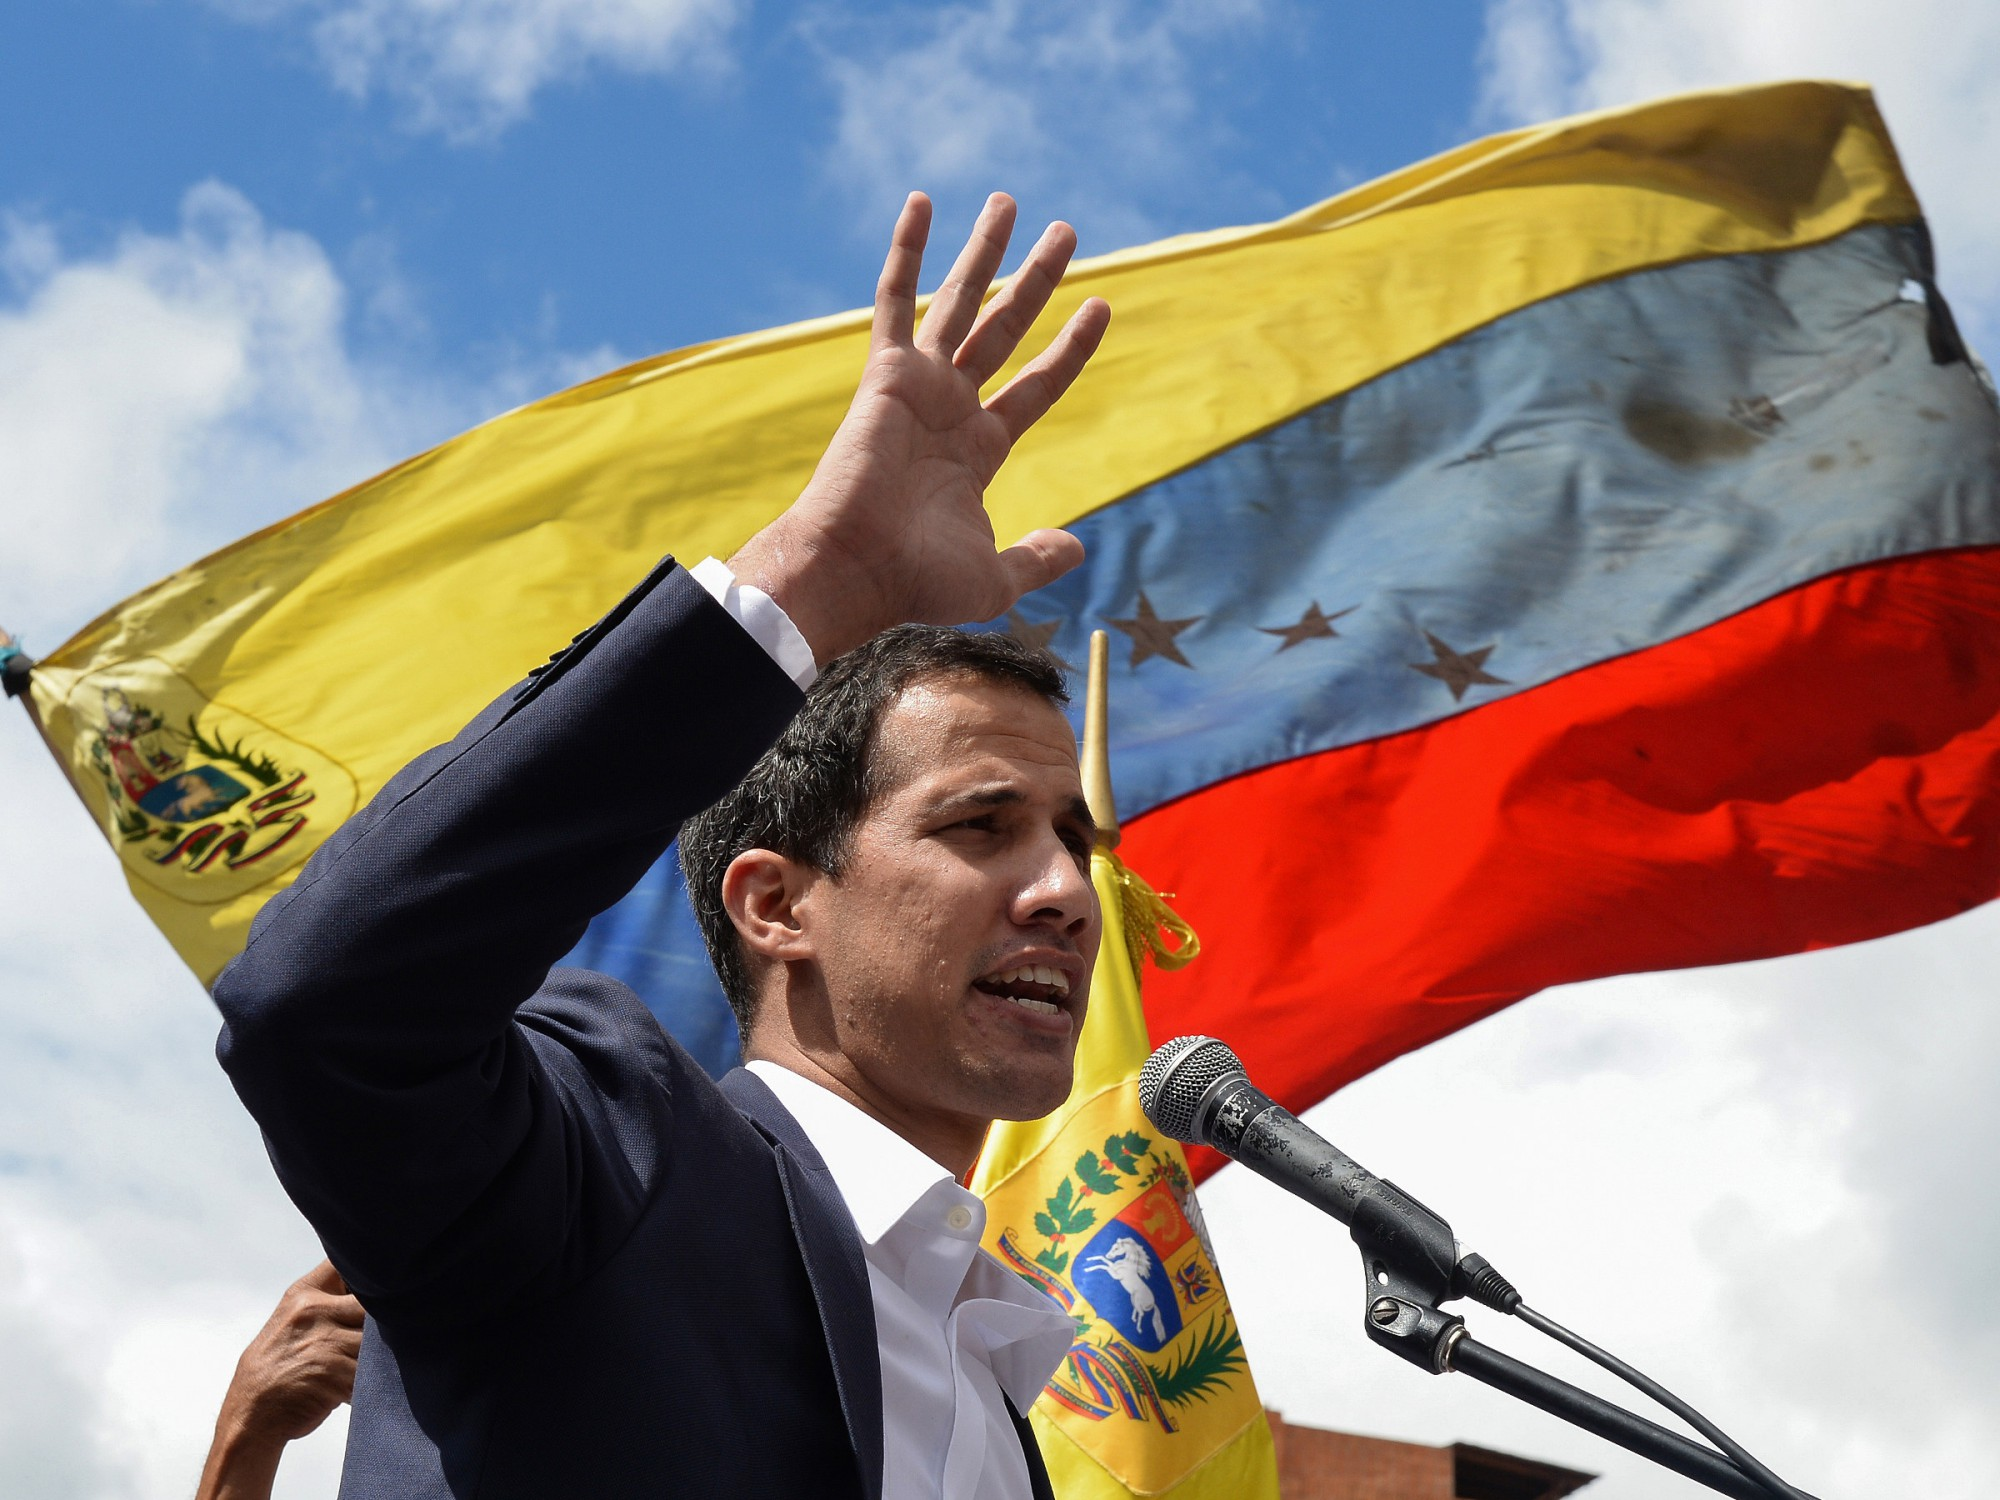 Βενεζουέλα  Ικανοποίηση Χουάν Γκουαϊδό για την «ισχυρή» απάντηση της ΕΕ 9ca3daca90d